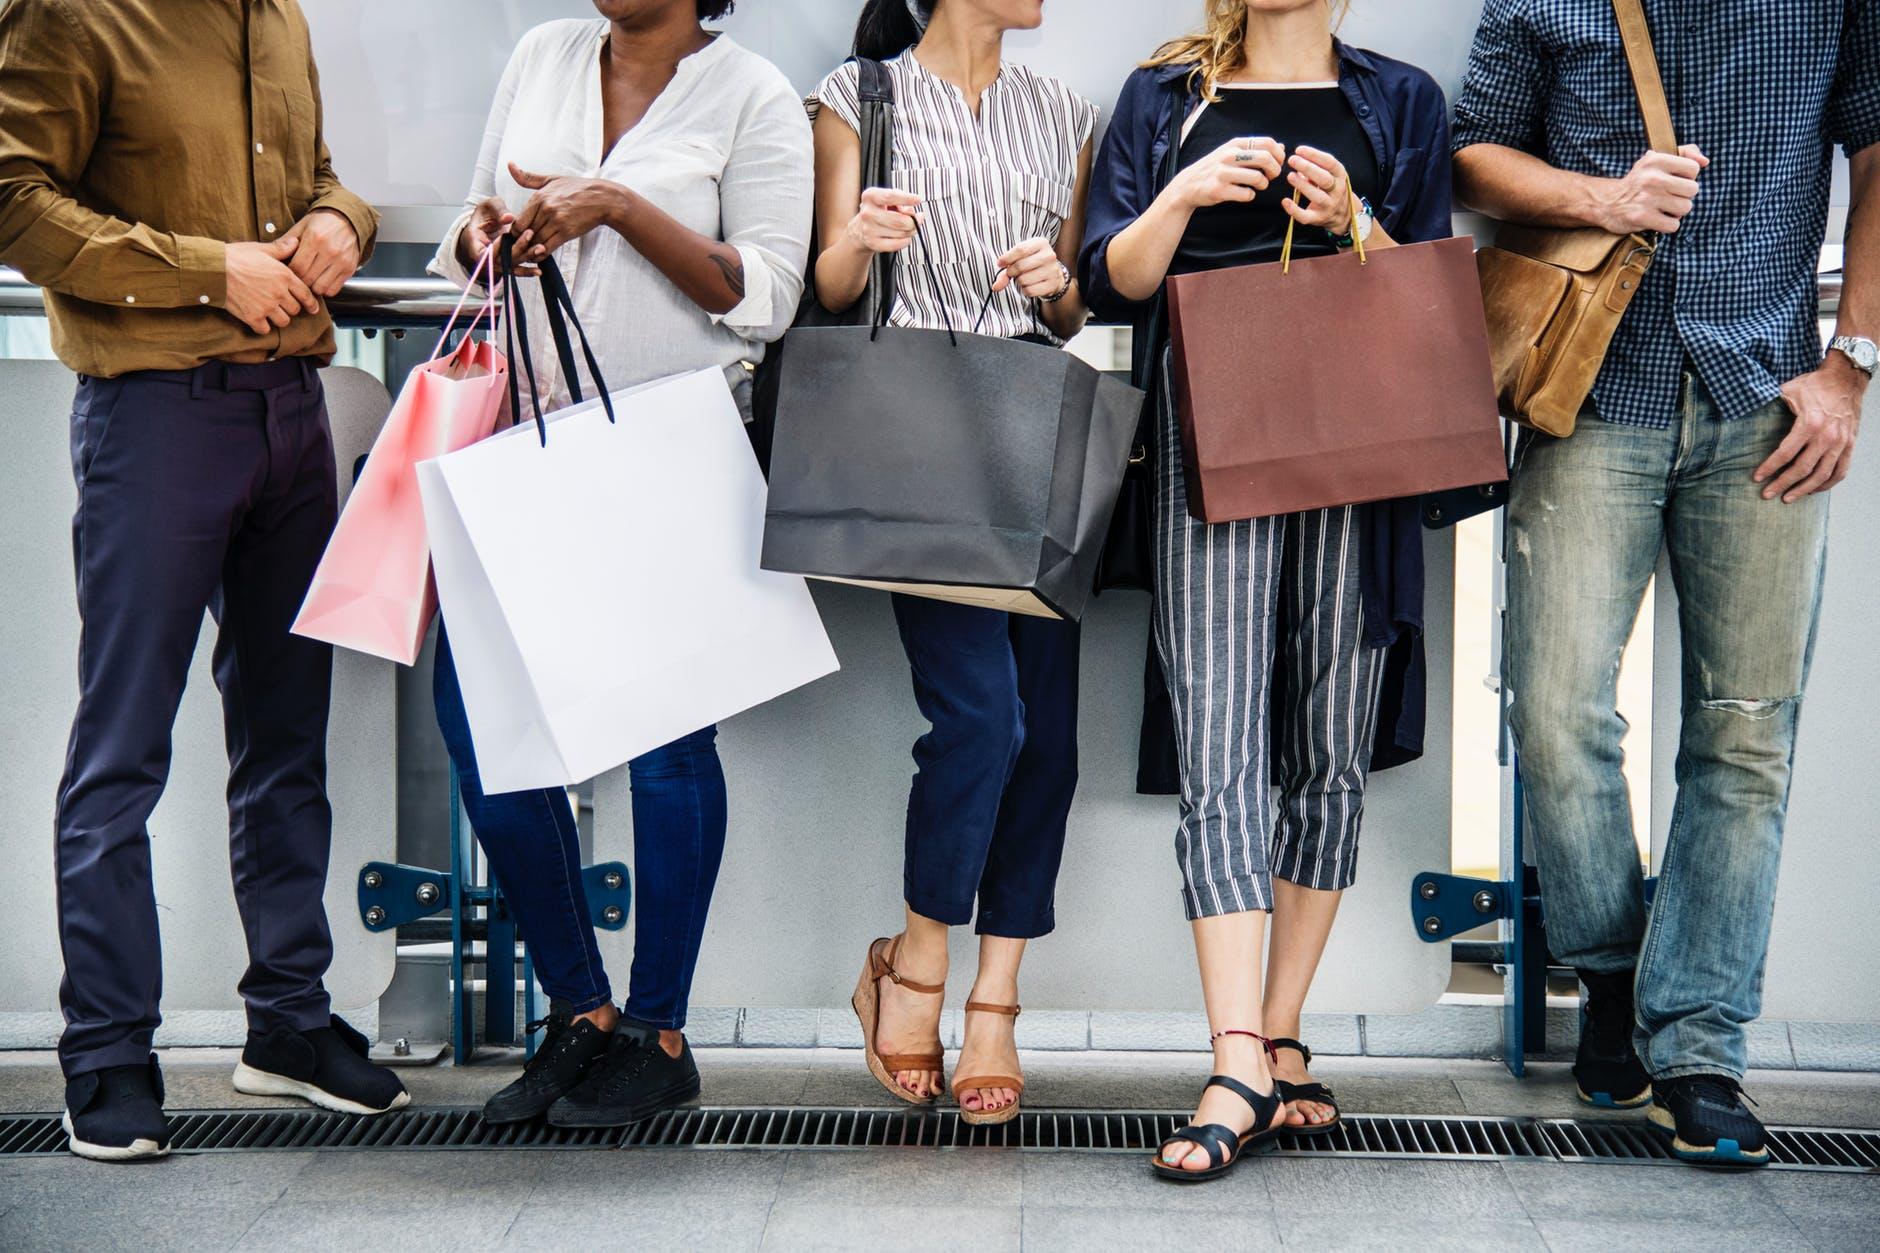 Estamos comprando e descartando mais roupas do que em qualquer outra década da história. Foto: Pexels.com